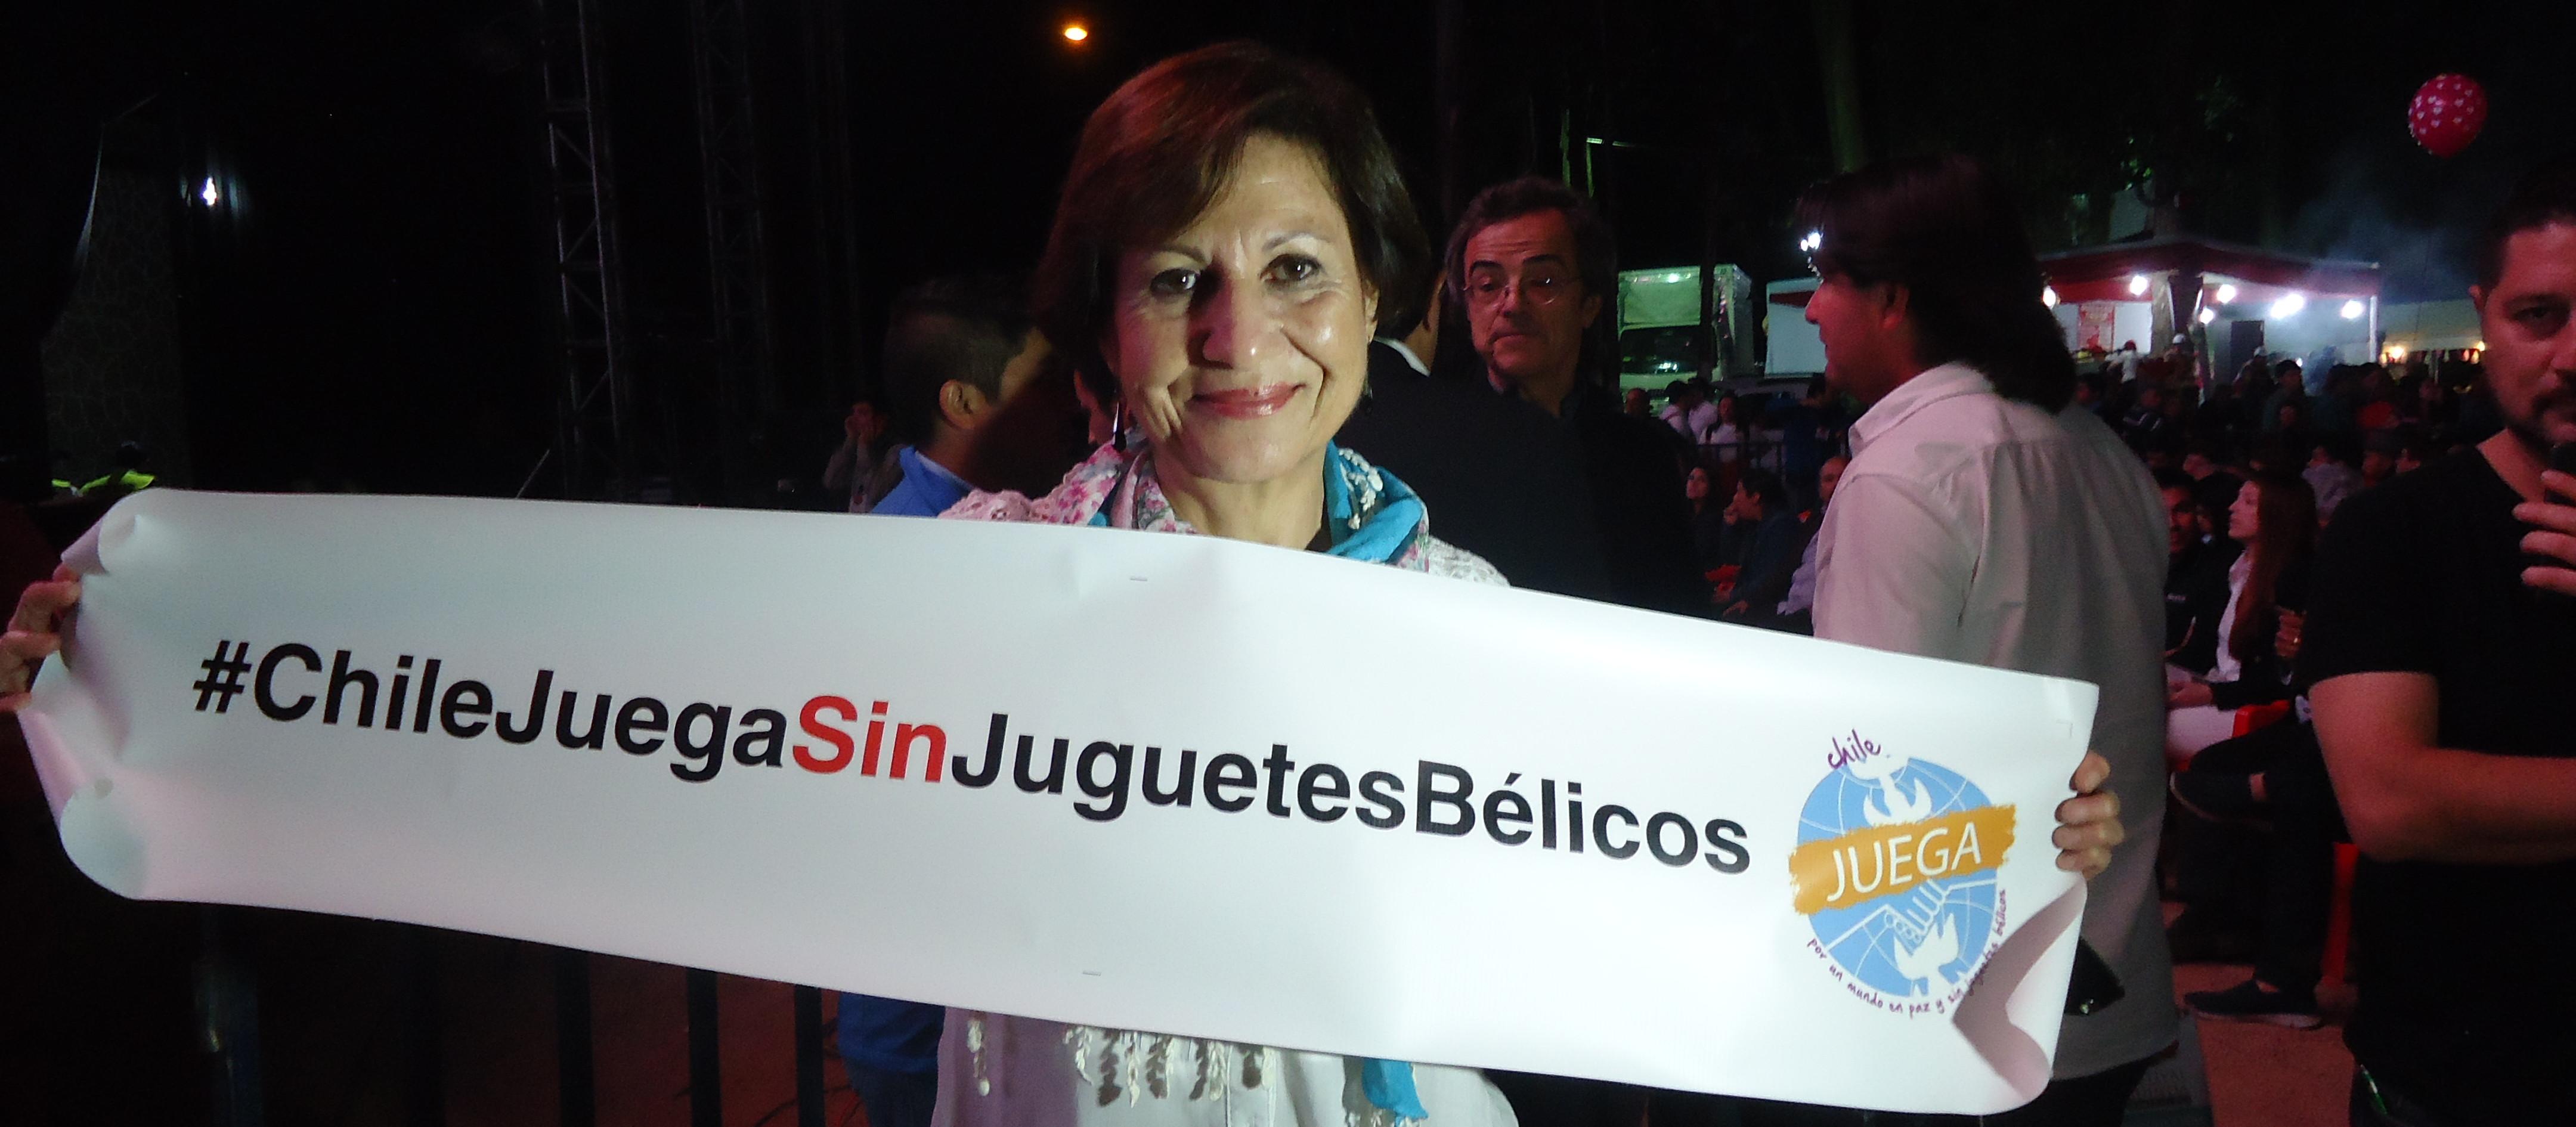 Destacados artistas nacionales se suman a la campaña: Chile juega sin juguetes bélicos